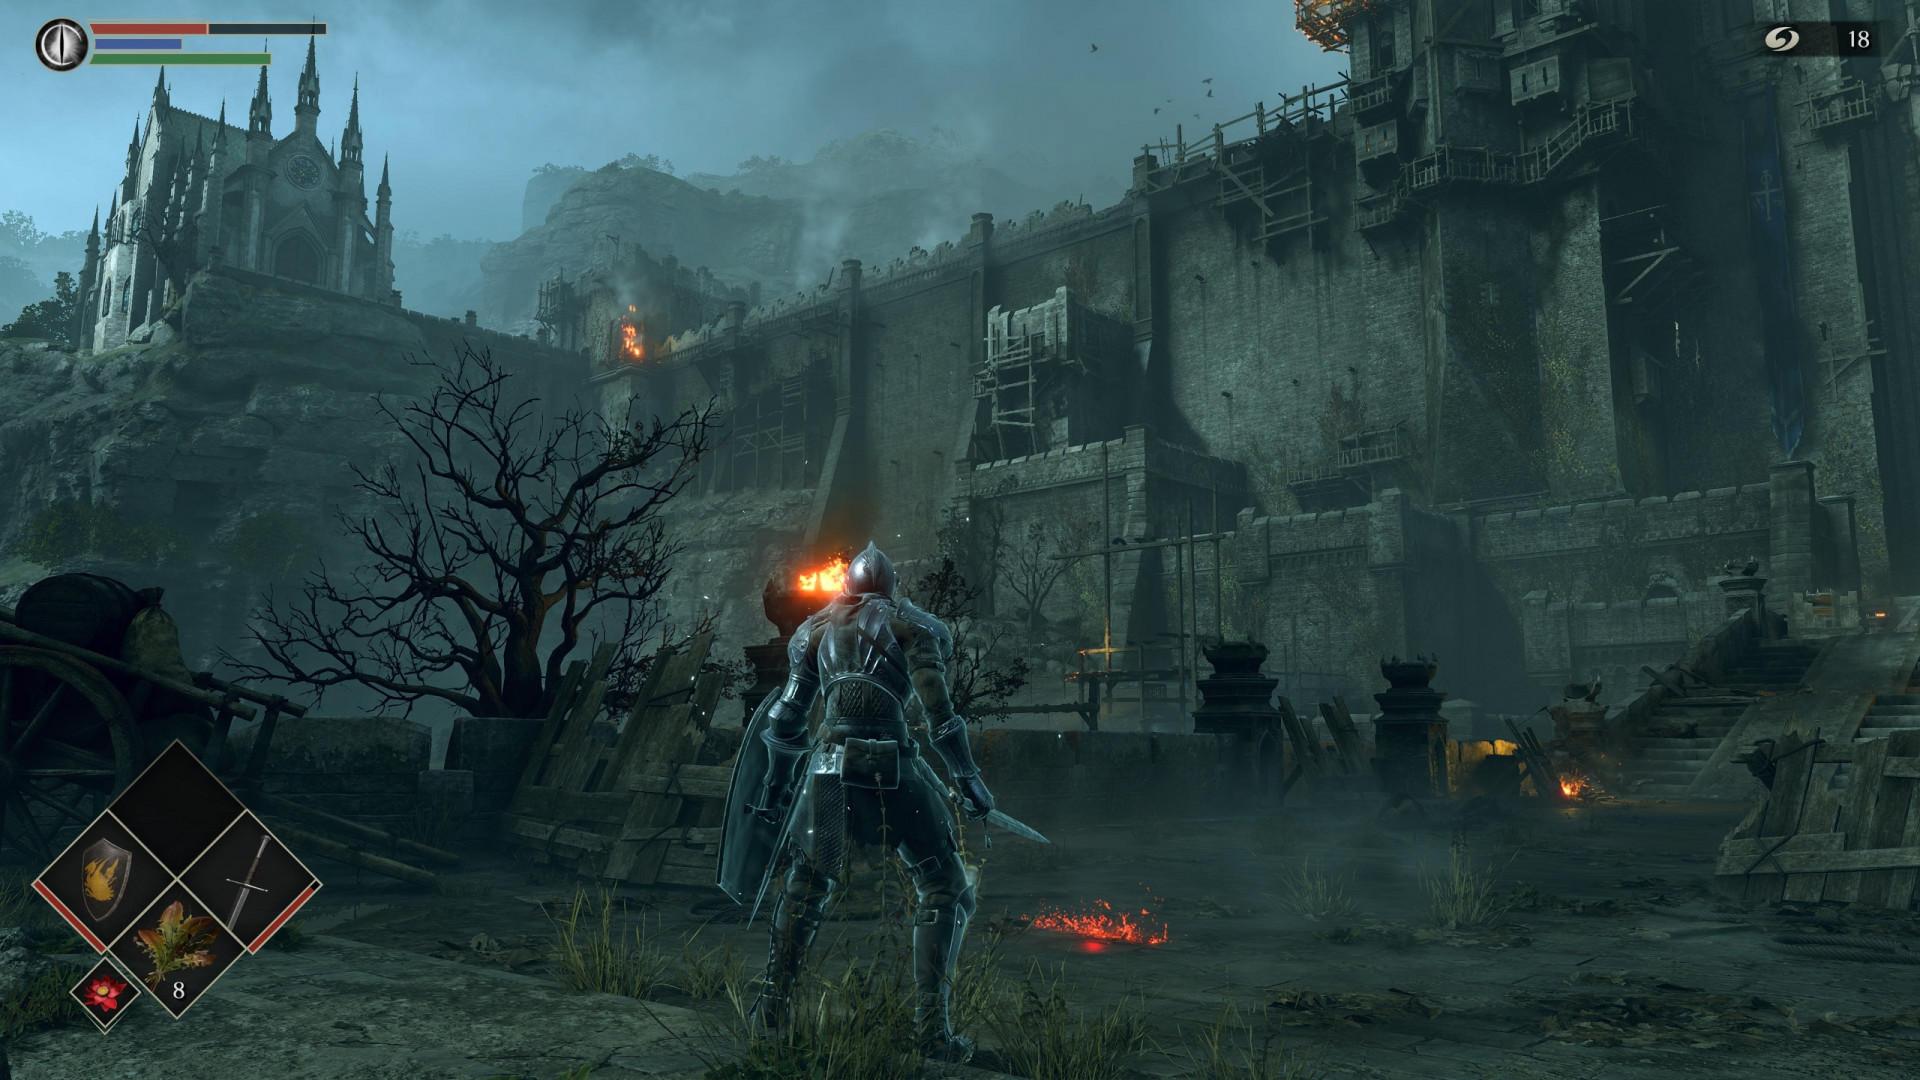 Релизный трейлер Demon's Souls - игра стала доступна на PlayStation 5